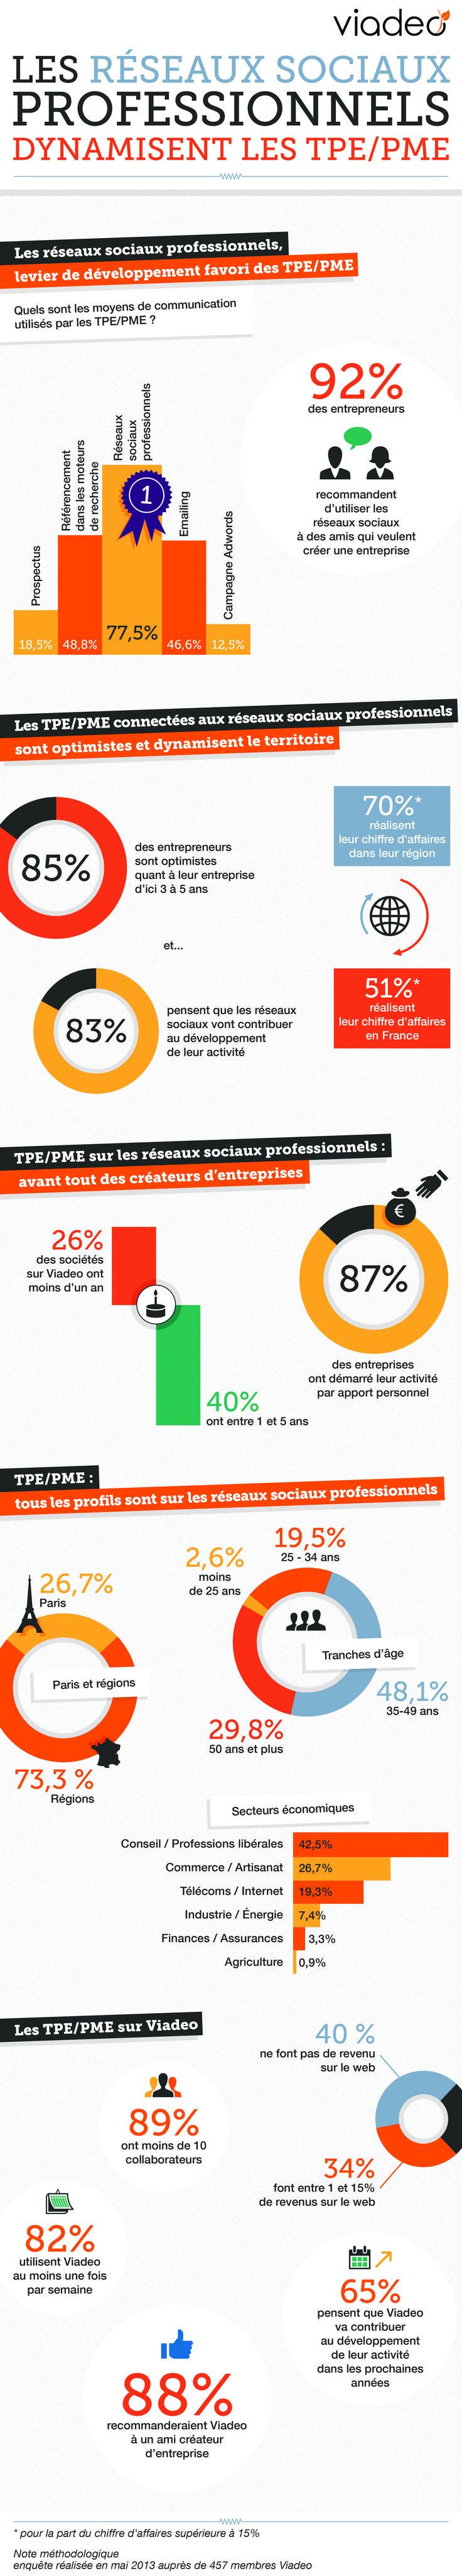 Les réseaux sociaux professionnels dynamisent les TPE/PME